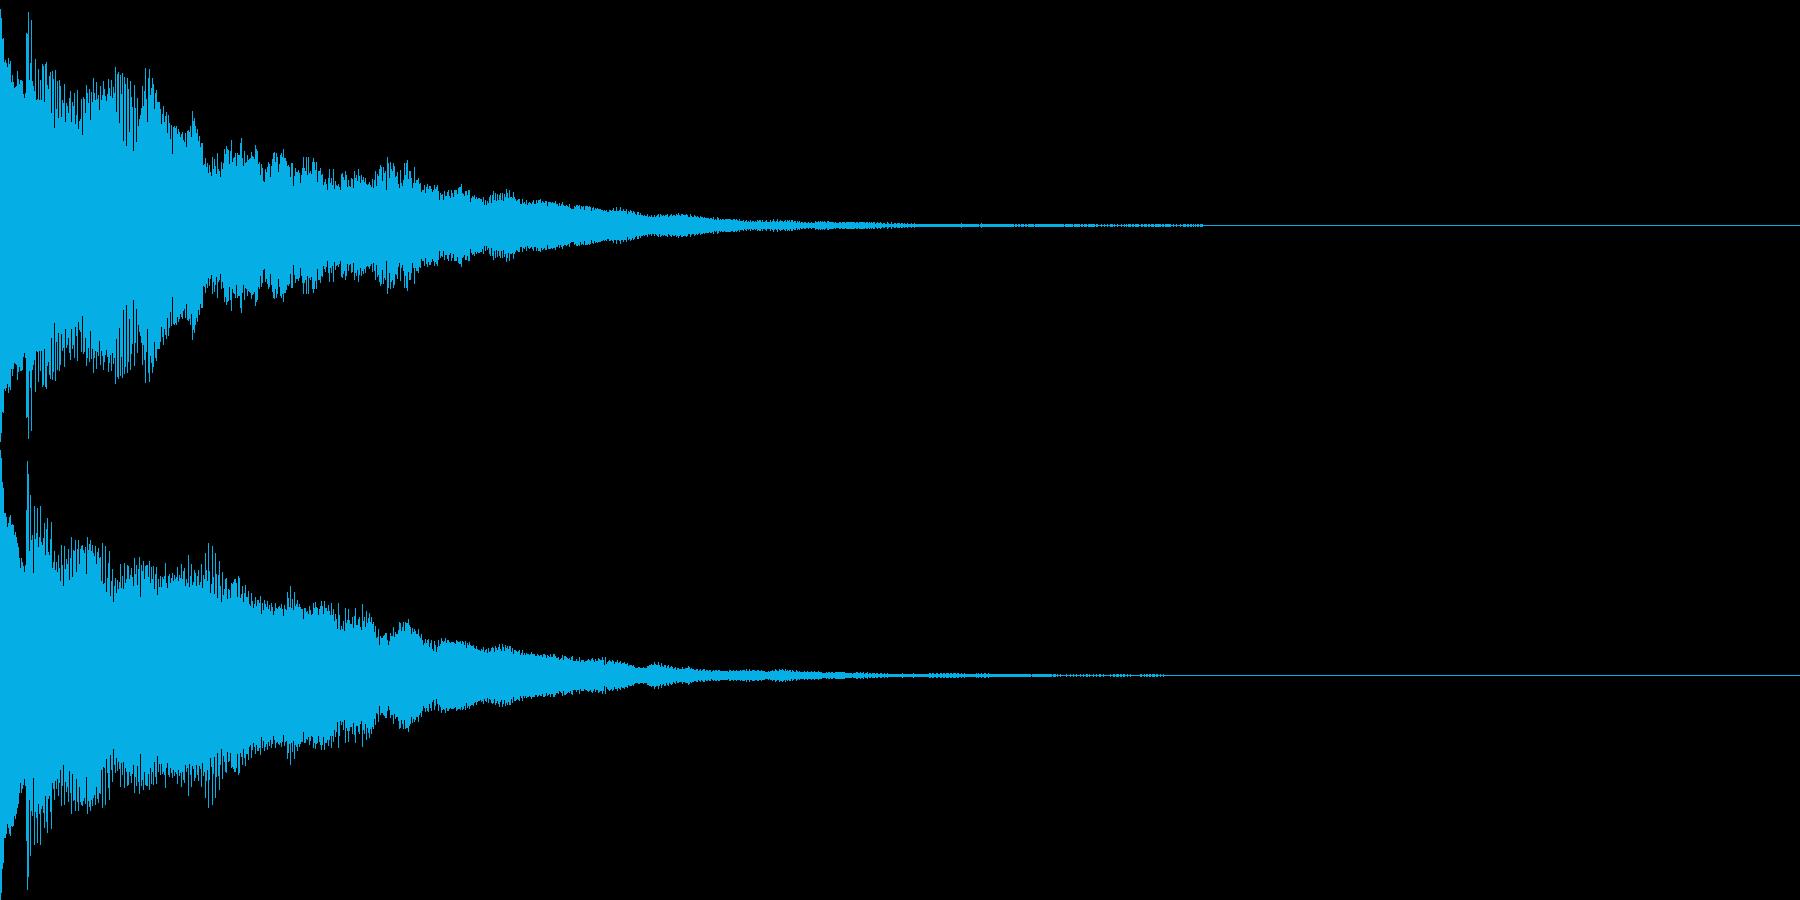 キャンセル音08(シンセP)の再生済みの波形